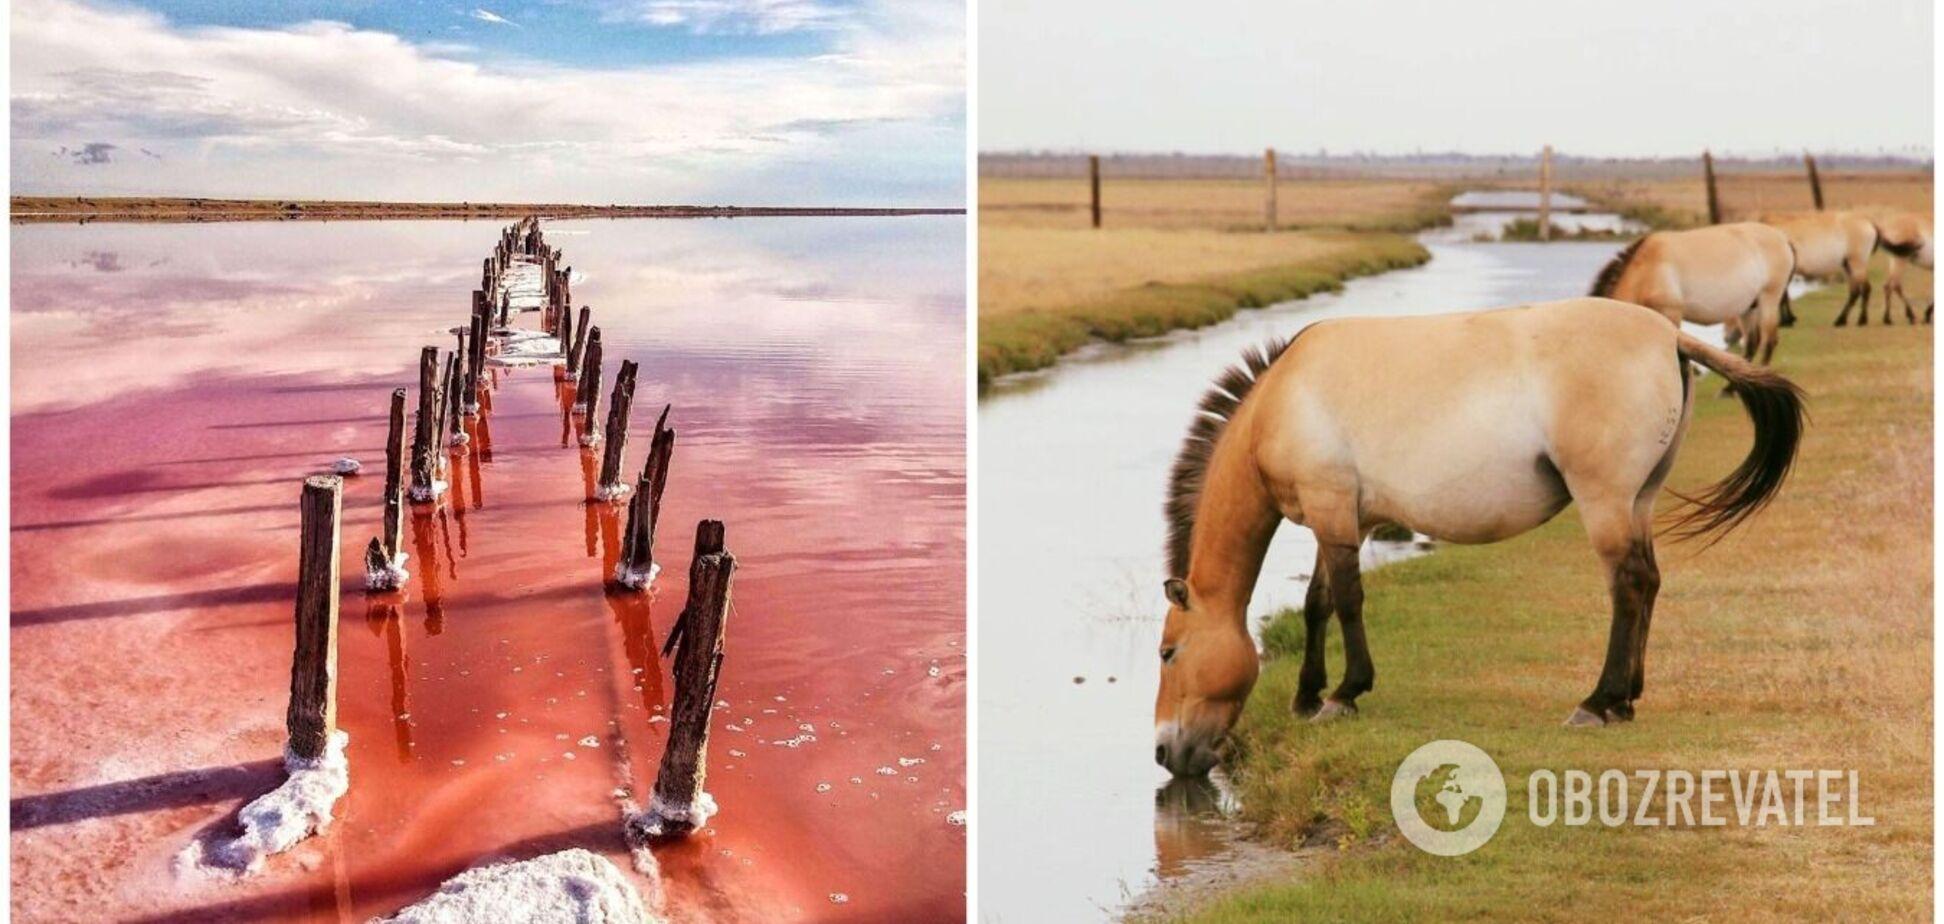 Пустеля, вітряки і рожеві озера: 5 місць у Херсонській області, які потрібно відвідати. Фото